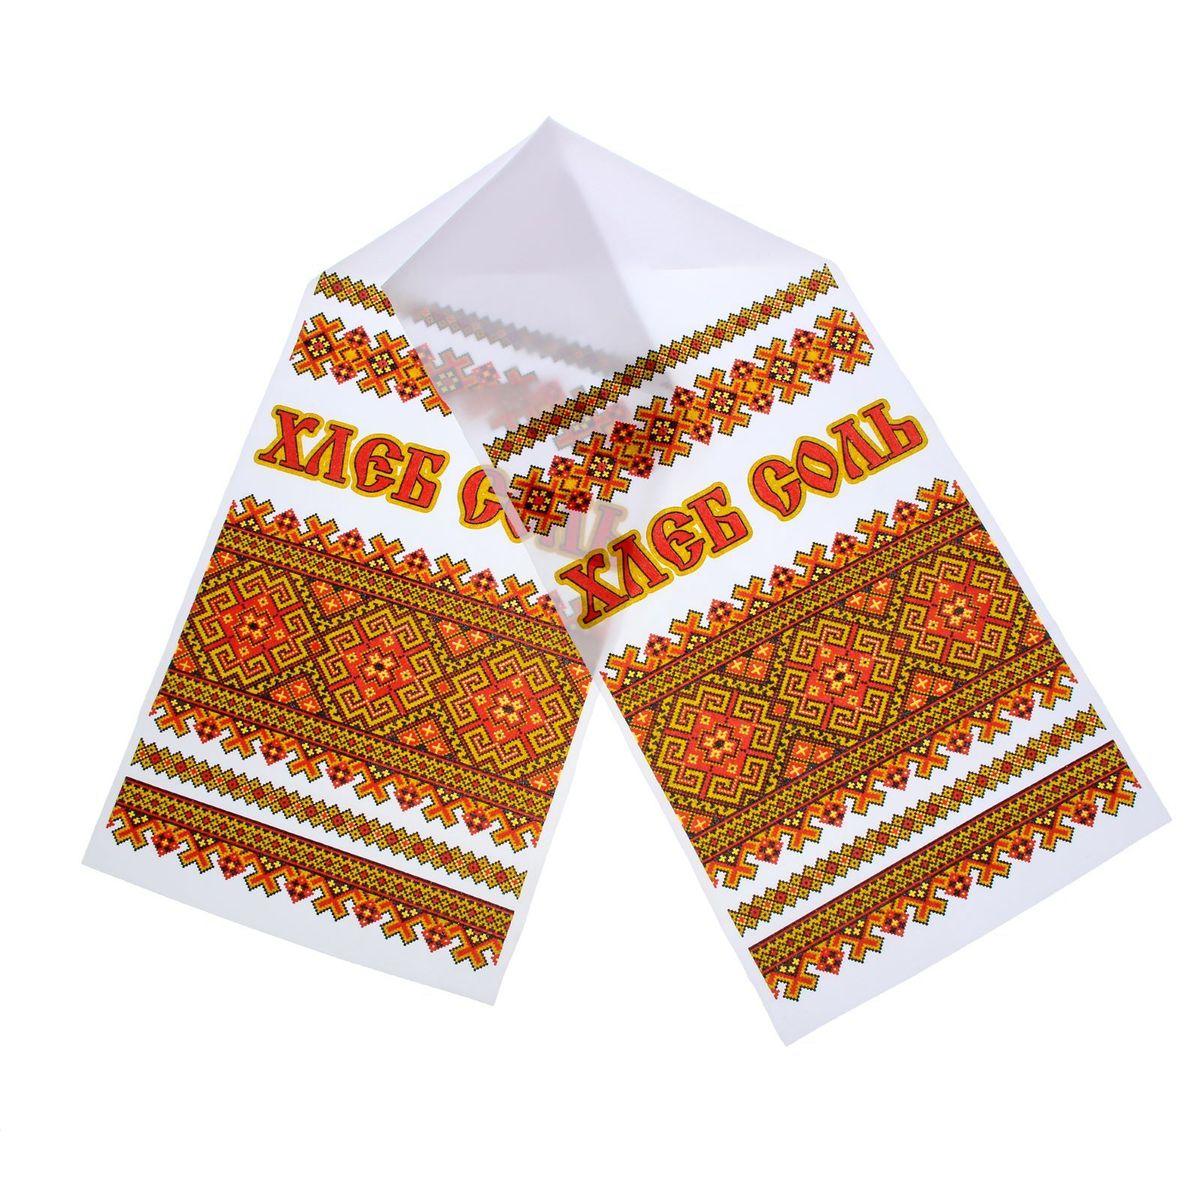 Рушник Sima-land Хлеб-соль, цвет: мультиколор. 1134757 рушник gift n home рушник